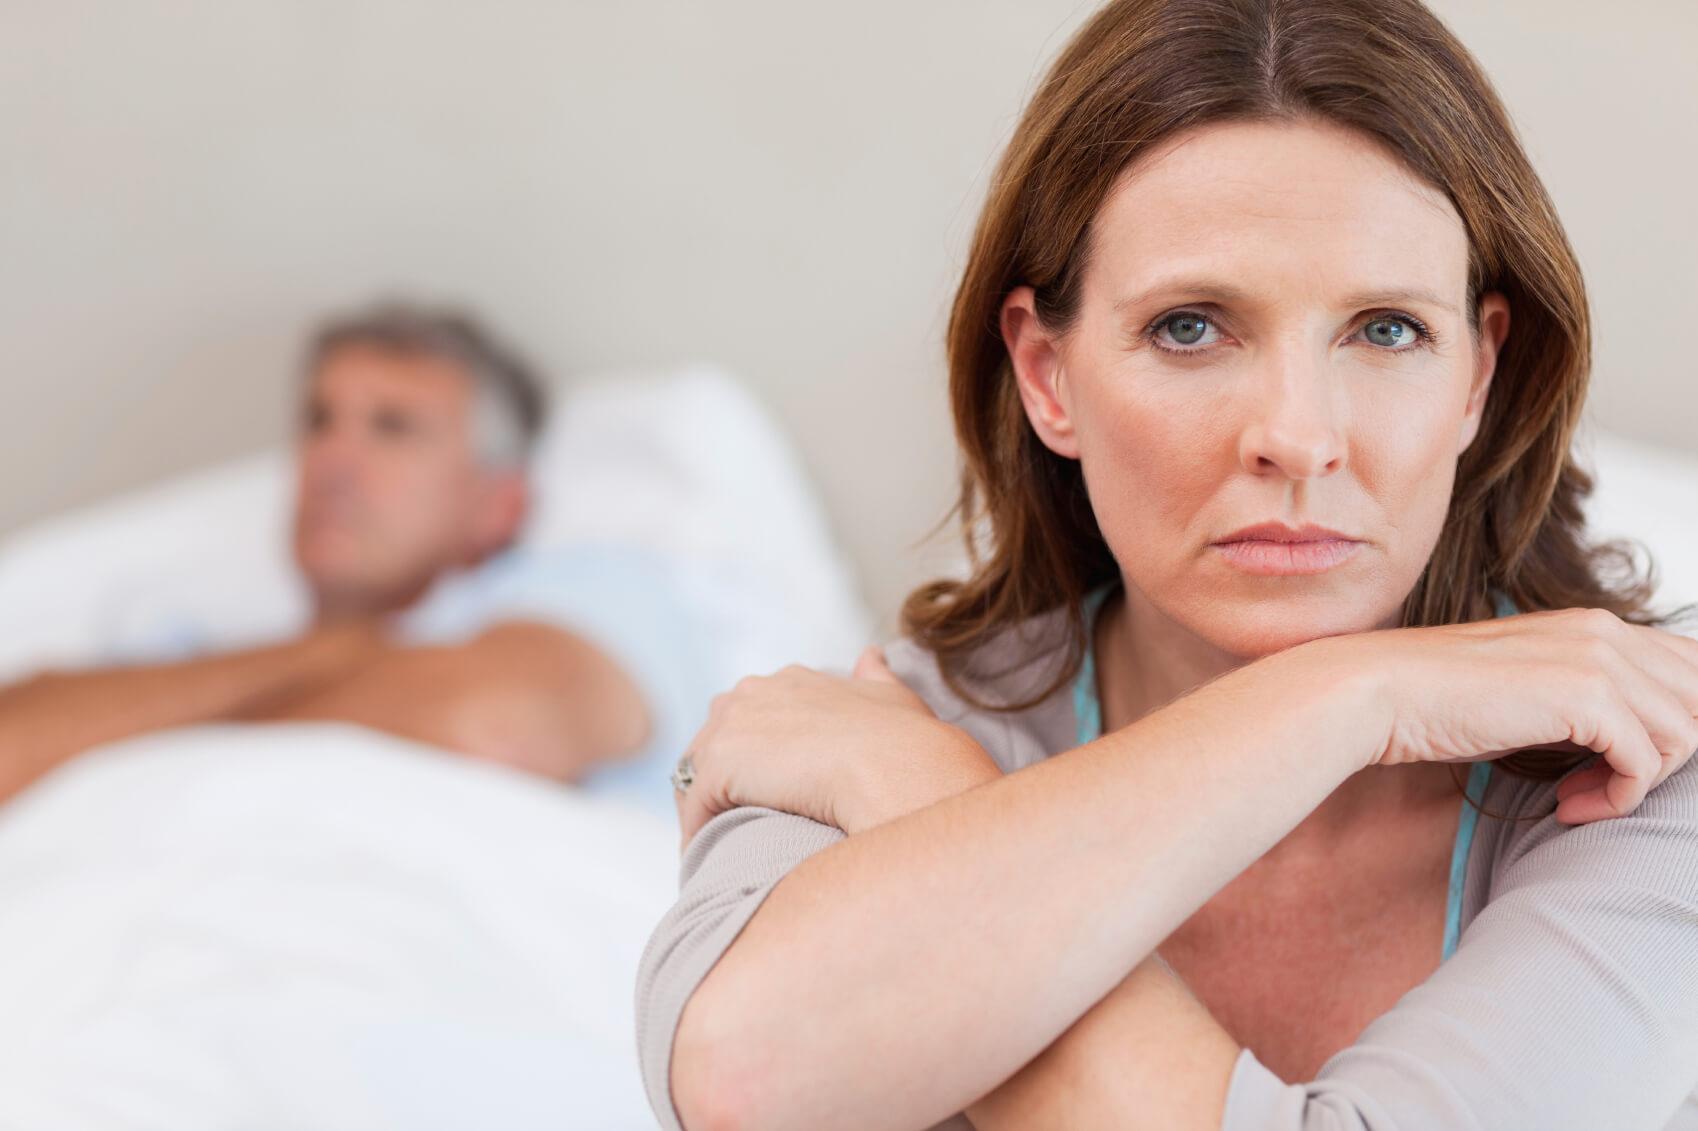 התמודדות עם זוגיות במשבר והאמת שלא תאמינו בה